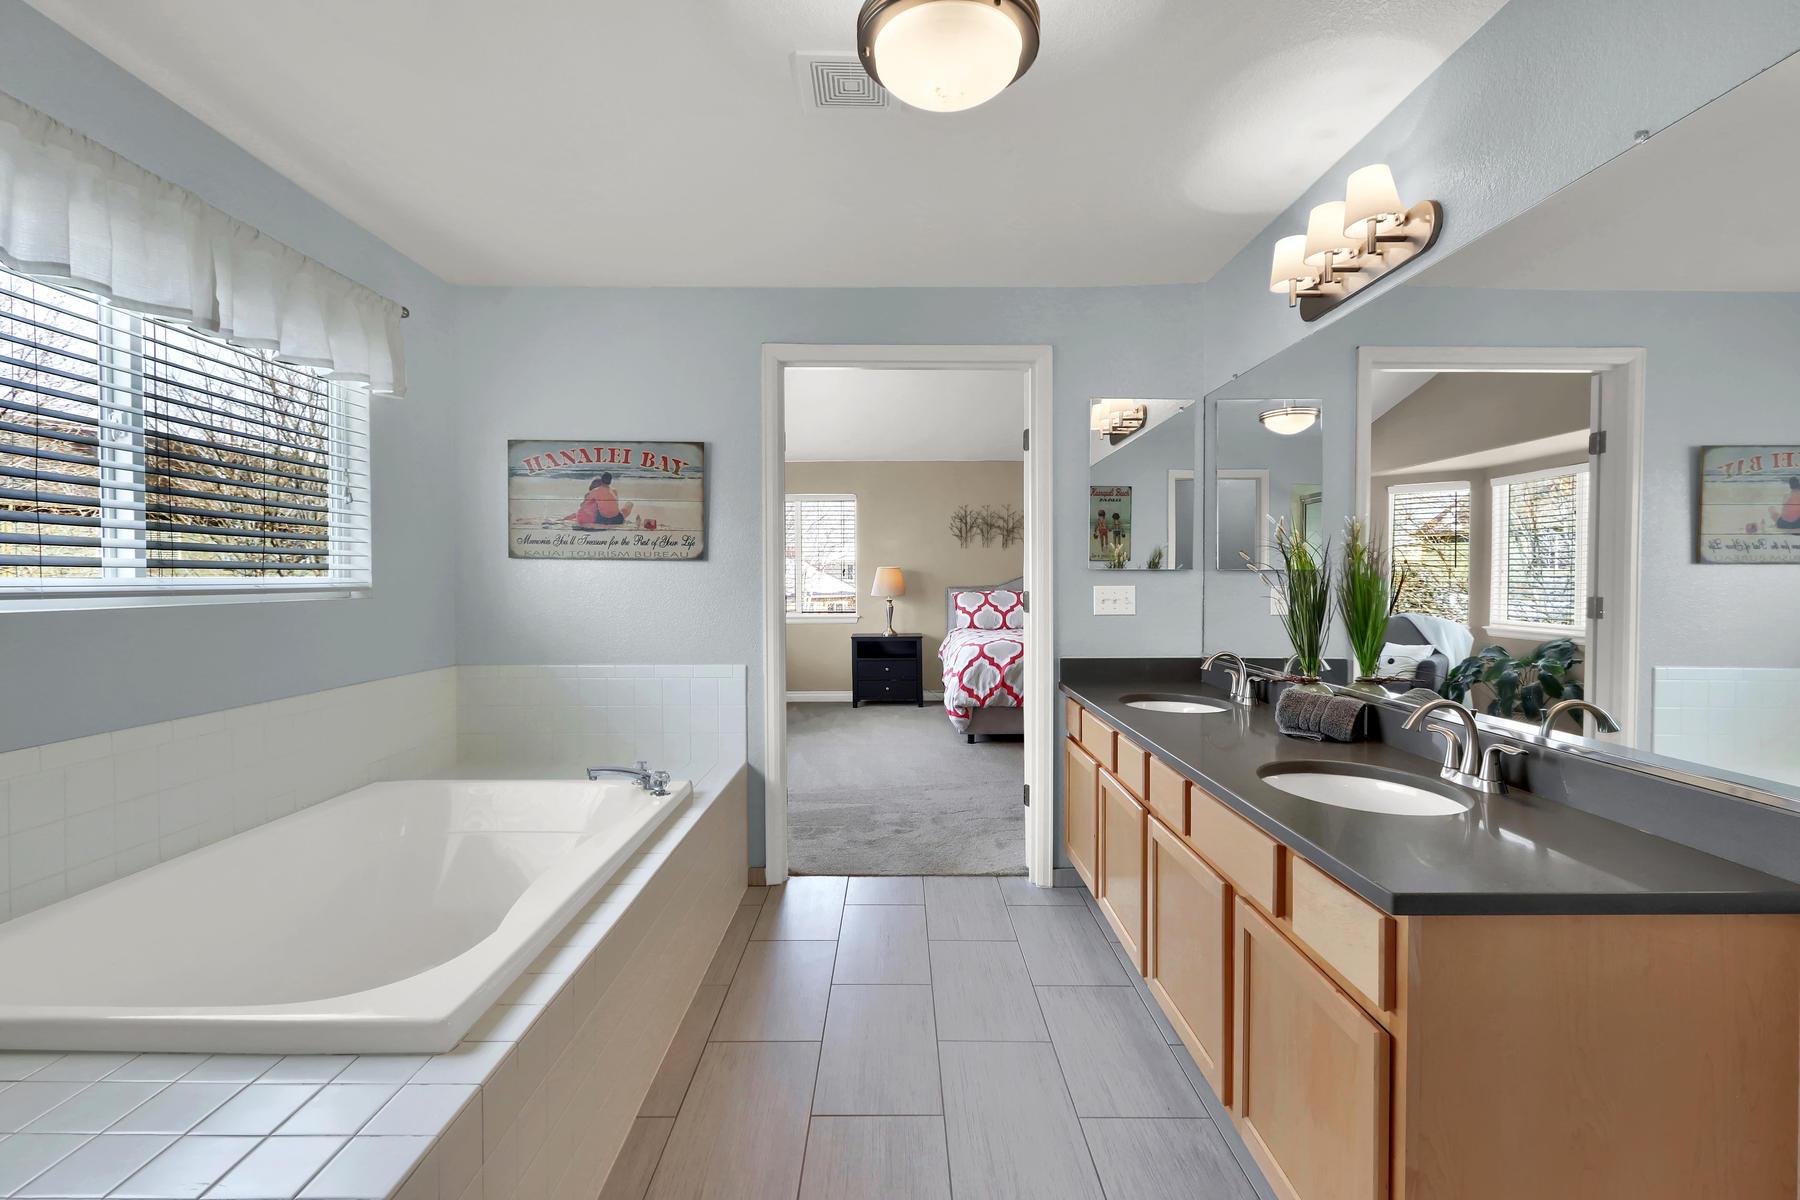 10651 W 54th Ave Arvada CO-024-25-Bathroom-MLS_Size.jpg